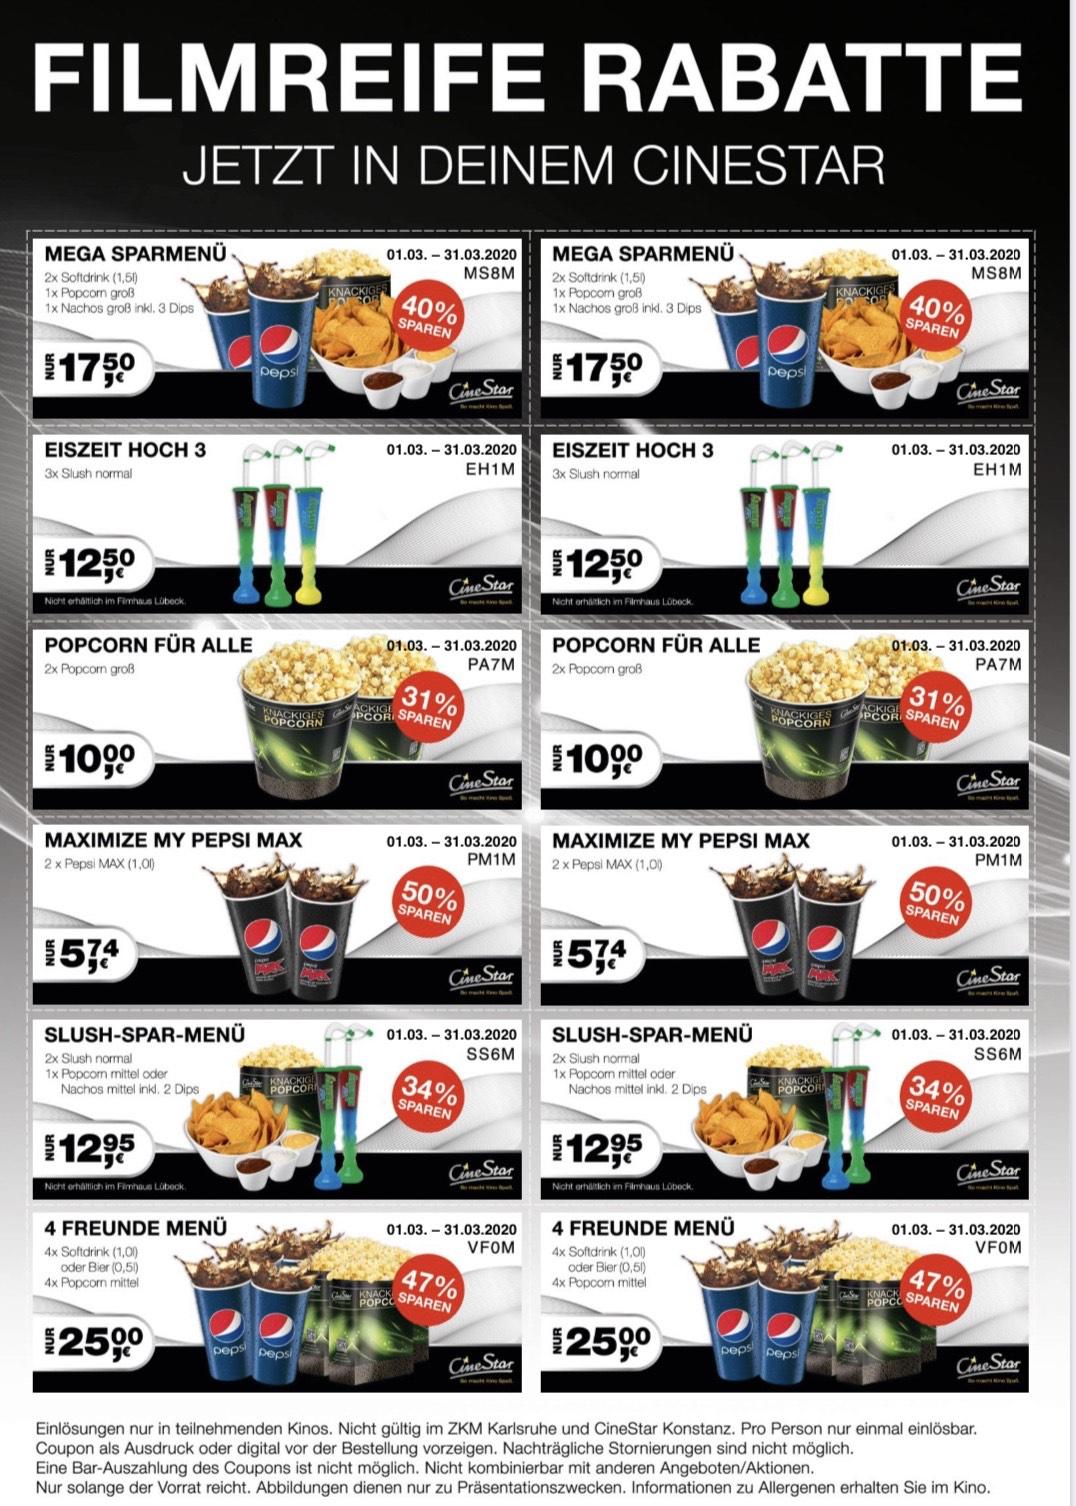 Cinestar Gutscheine für Popcorn und Nachos